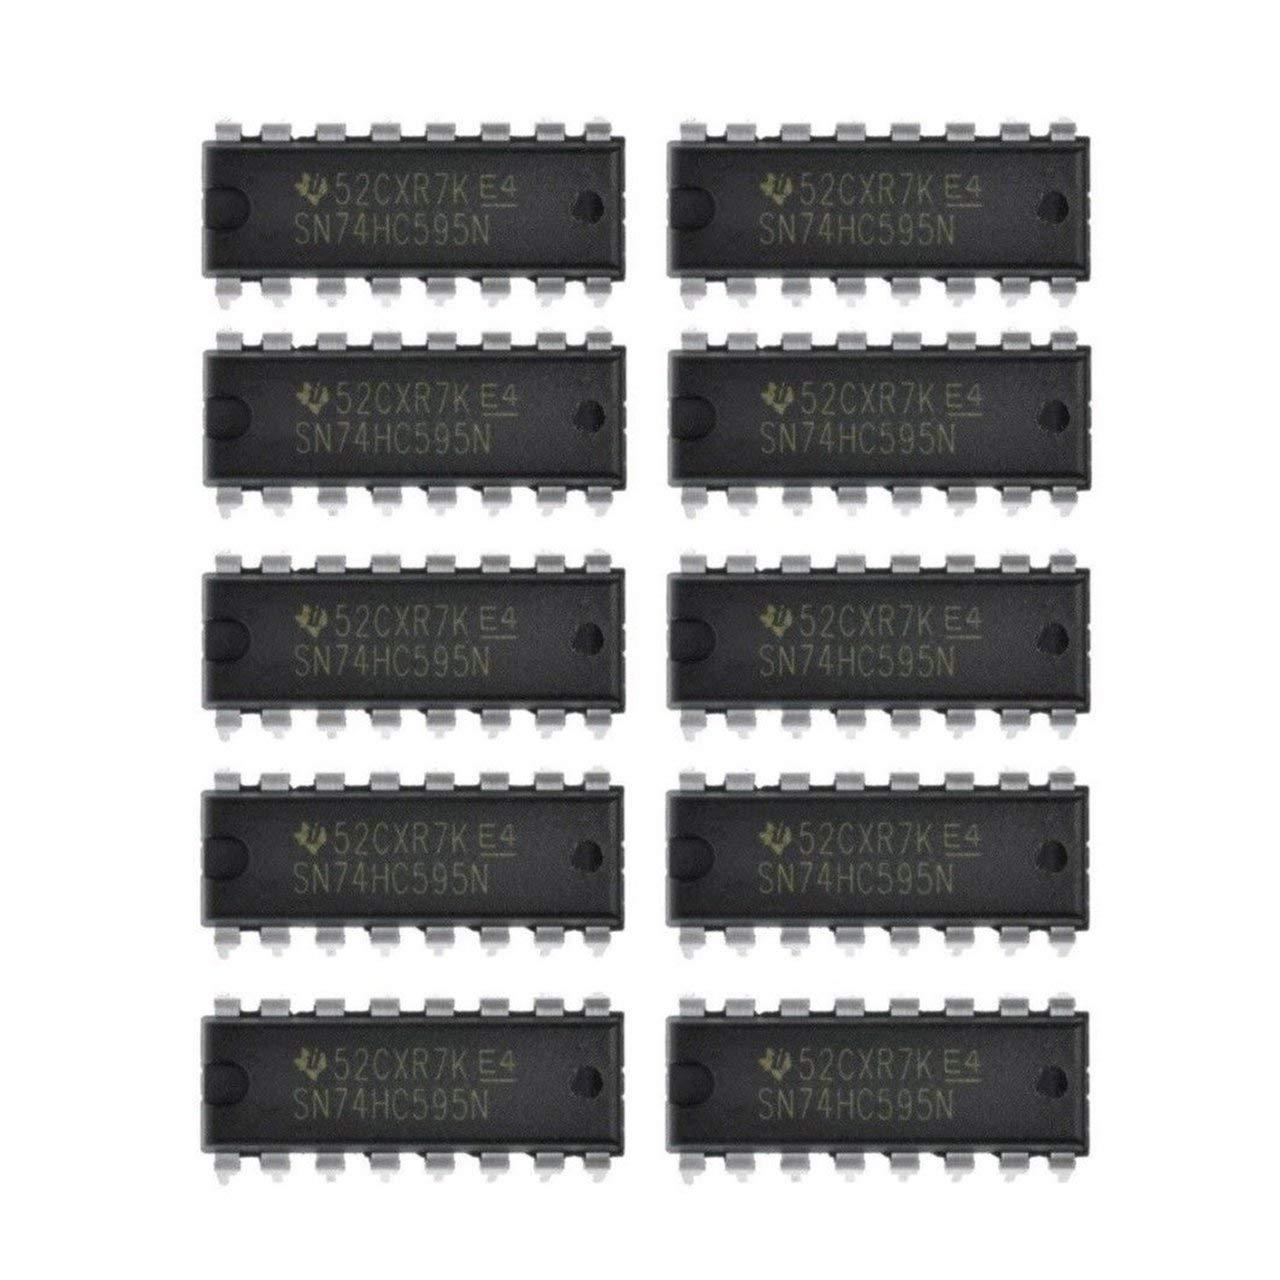 FRjasnyfall 10PCS IC 74HC595 74595 SN74HC595N registre /à d/écalage 8 bits DIP-16 NOUVELLE BONNE QUALIT/É Noir